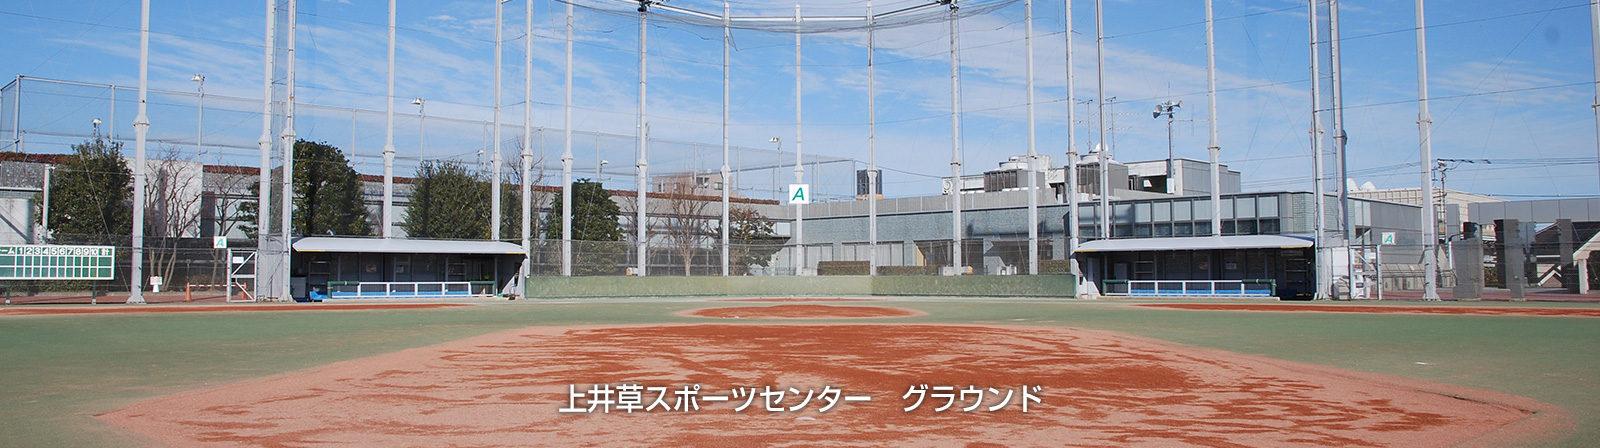 上井草スポーツセンター グラウンド